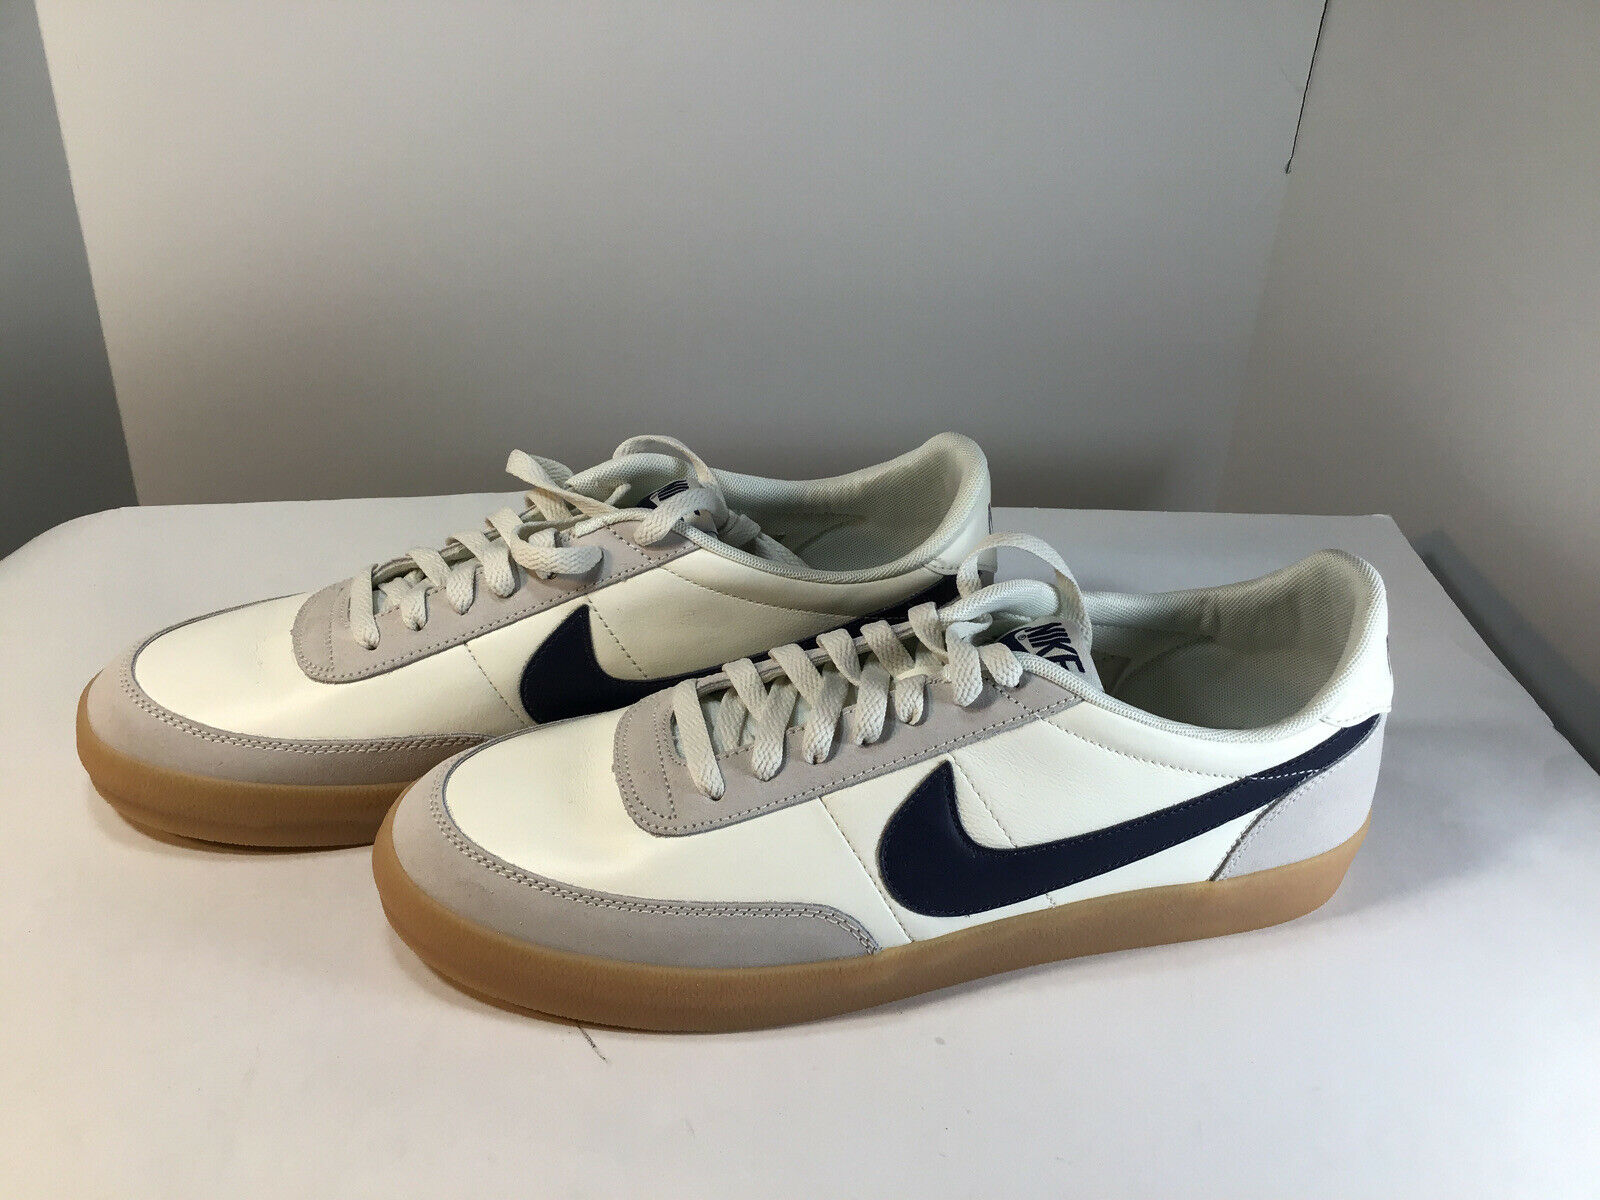 Nike Killshot 2 Leather SIZE 7.5 432997